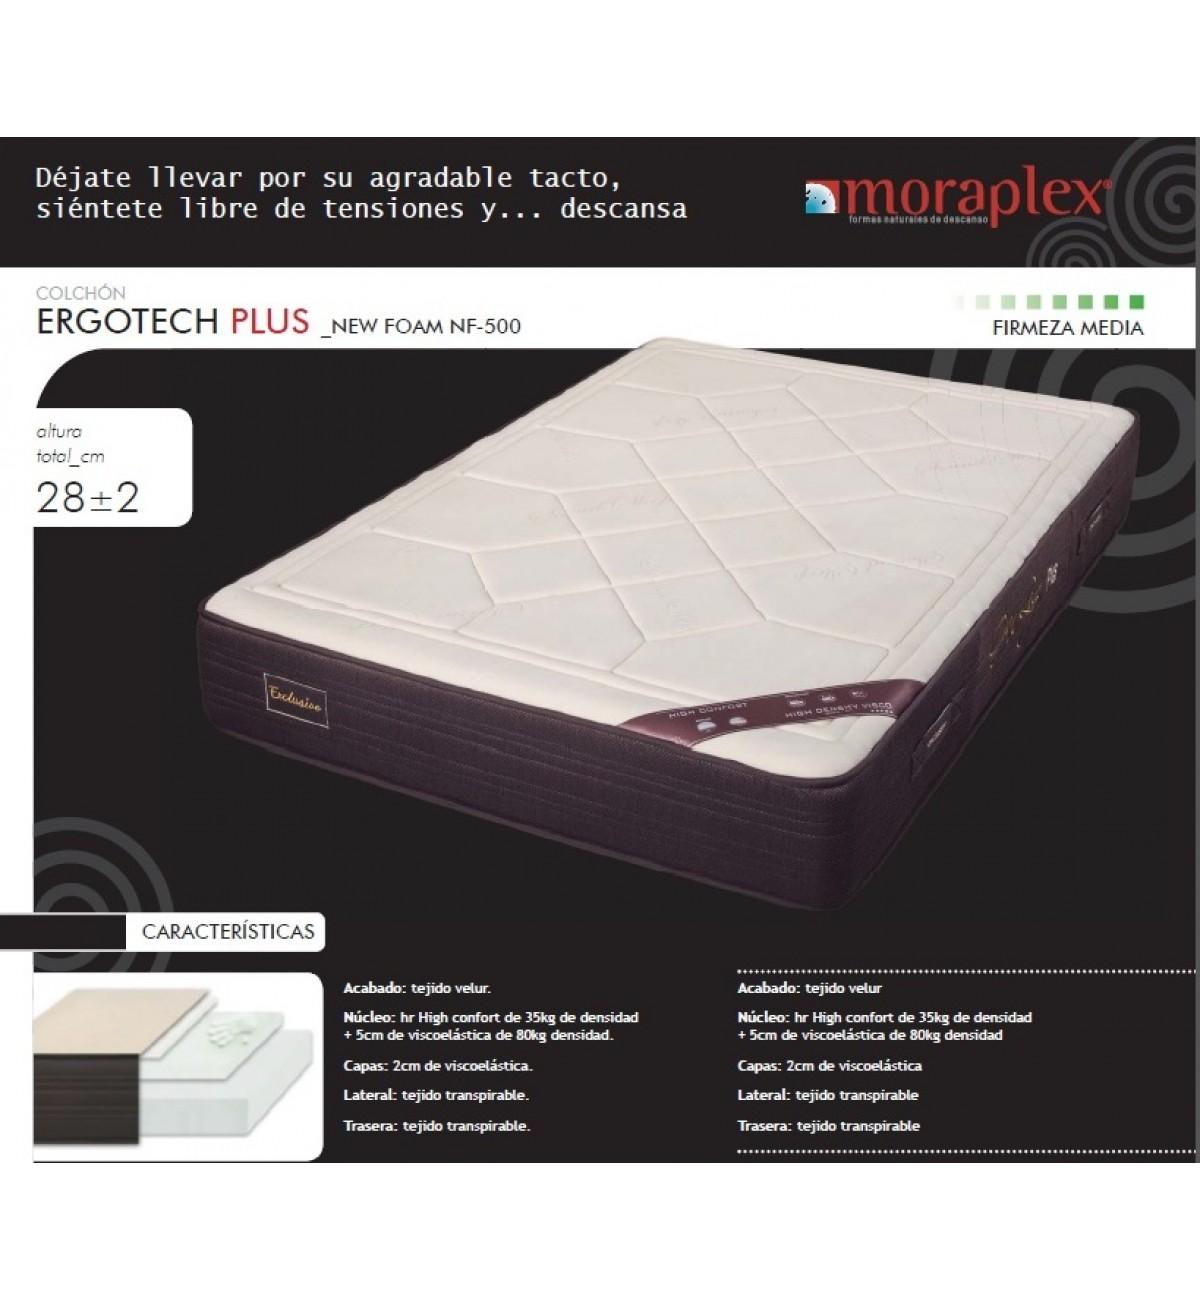 Colchones Moraplex.Colchon Viscoelastico Ergotech Plus De Moraplex Colchones Online